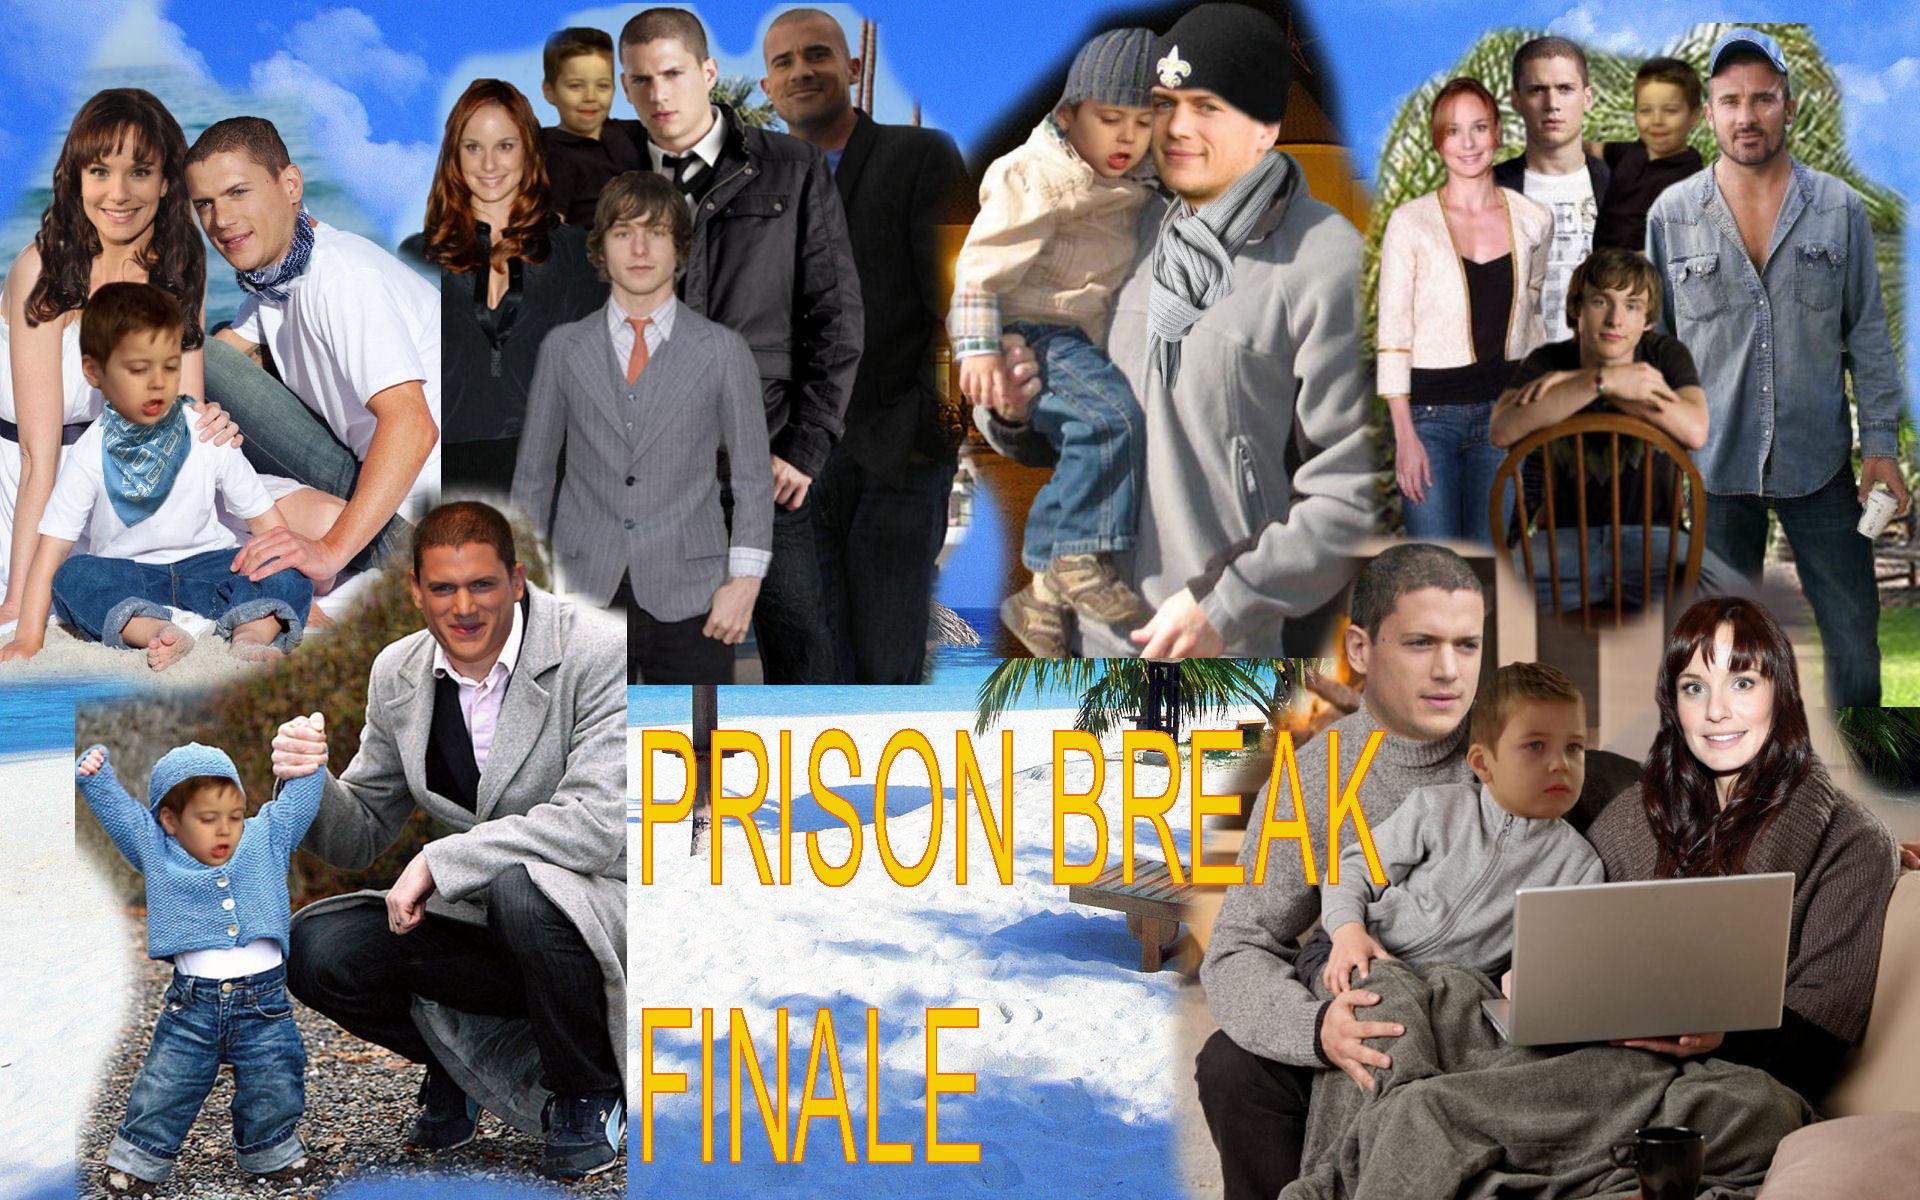 lincoln prison break